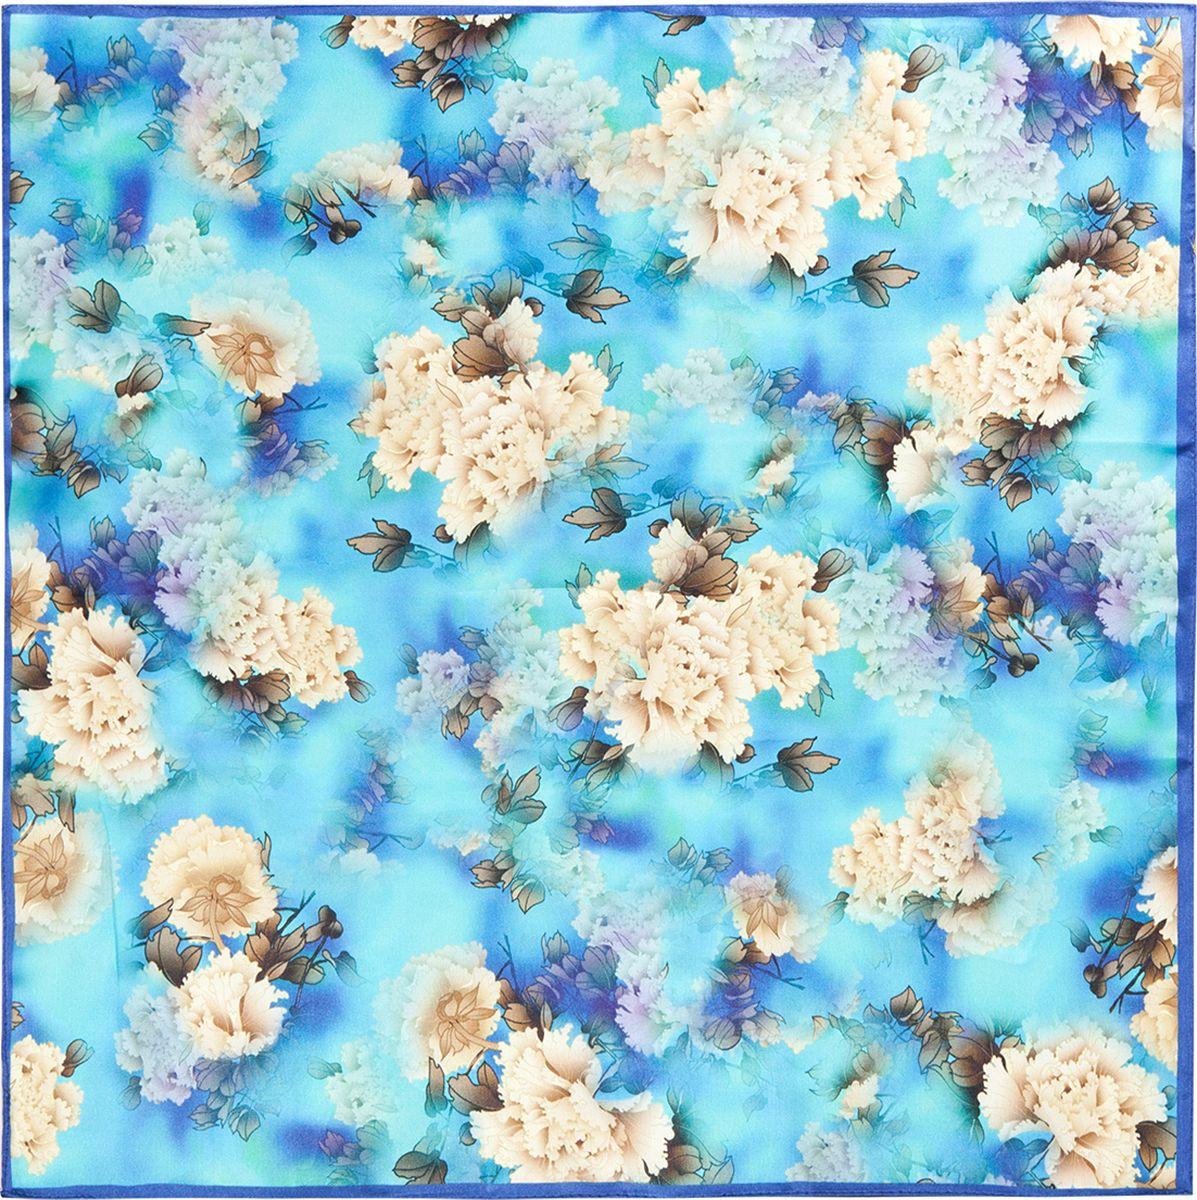 Платок женский Eleganzza, цвет: голубой. SS03-7871. Размер 55 см х 55 смSS03-7871Платок Eleganzza изготовлен из шелка. Модель оформлена цветочным принтом. Использование такого яркого аксессуара позволит создать несколько образов и настроений.